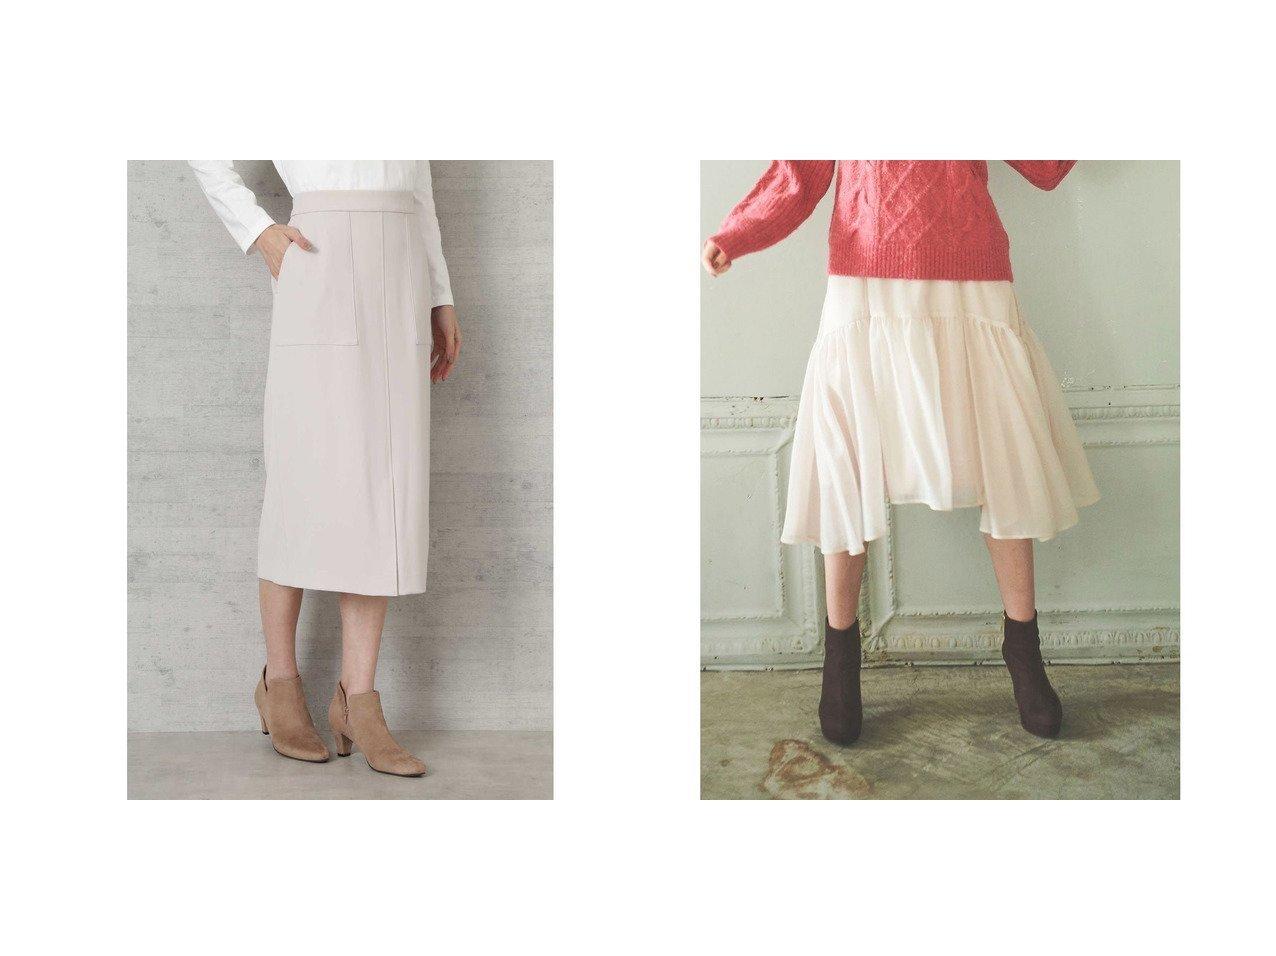 【NATURAL BEAUTY BASIC/ナチュラル ビューティー ベーシック】の[洗える]ダブルサテンスカート&【31 Sons de mode/トランテアン ソン ドゥ モード】の【スカート】エアリーフレアスカート スカートのおすすめ!人気、レディースファッションの通販 おすすめで人気のファッション通販商品 インテリア・家具・キッズファッション・メンズファッション・レディースファッション・服の通販 founy(ファニー) https://founy.com/ ファッション Fashion レディース WOMEN スカート Skirt Aライン/フレアスカート Flared A-Line Skirts サテン ストレッチ ストレート イエロー イレギュラーヘム ギャザー シフォン シンプル スニーカー トレーナー パーカー フェミニン フレアースカート ライダース ラベンダー 冬 Winter  ID:crp329100000003169